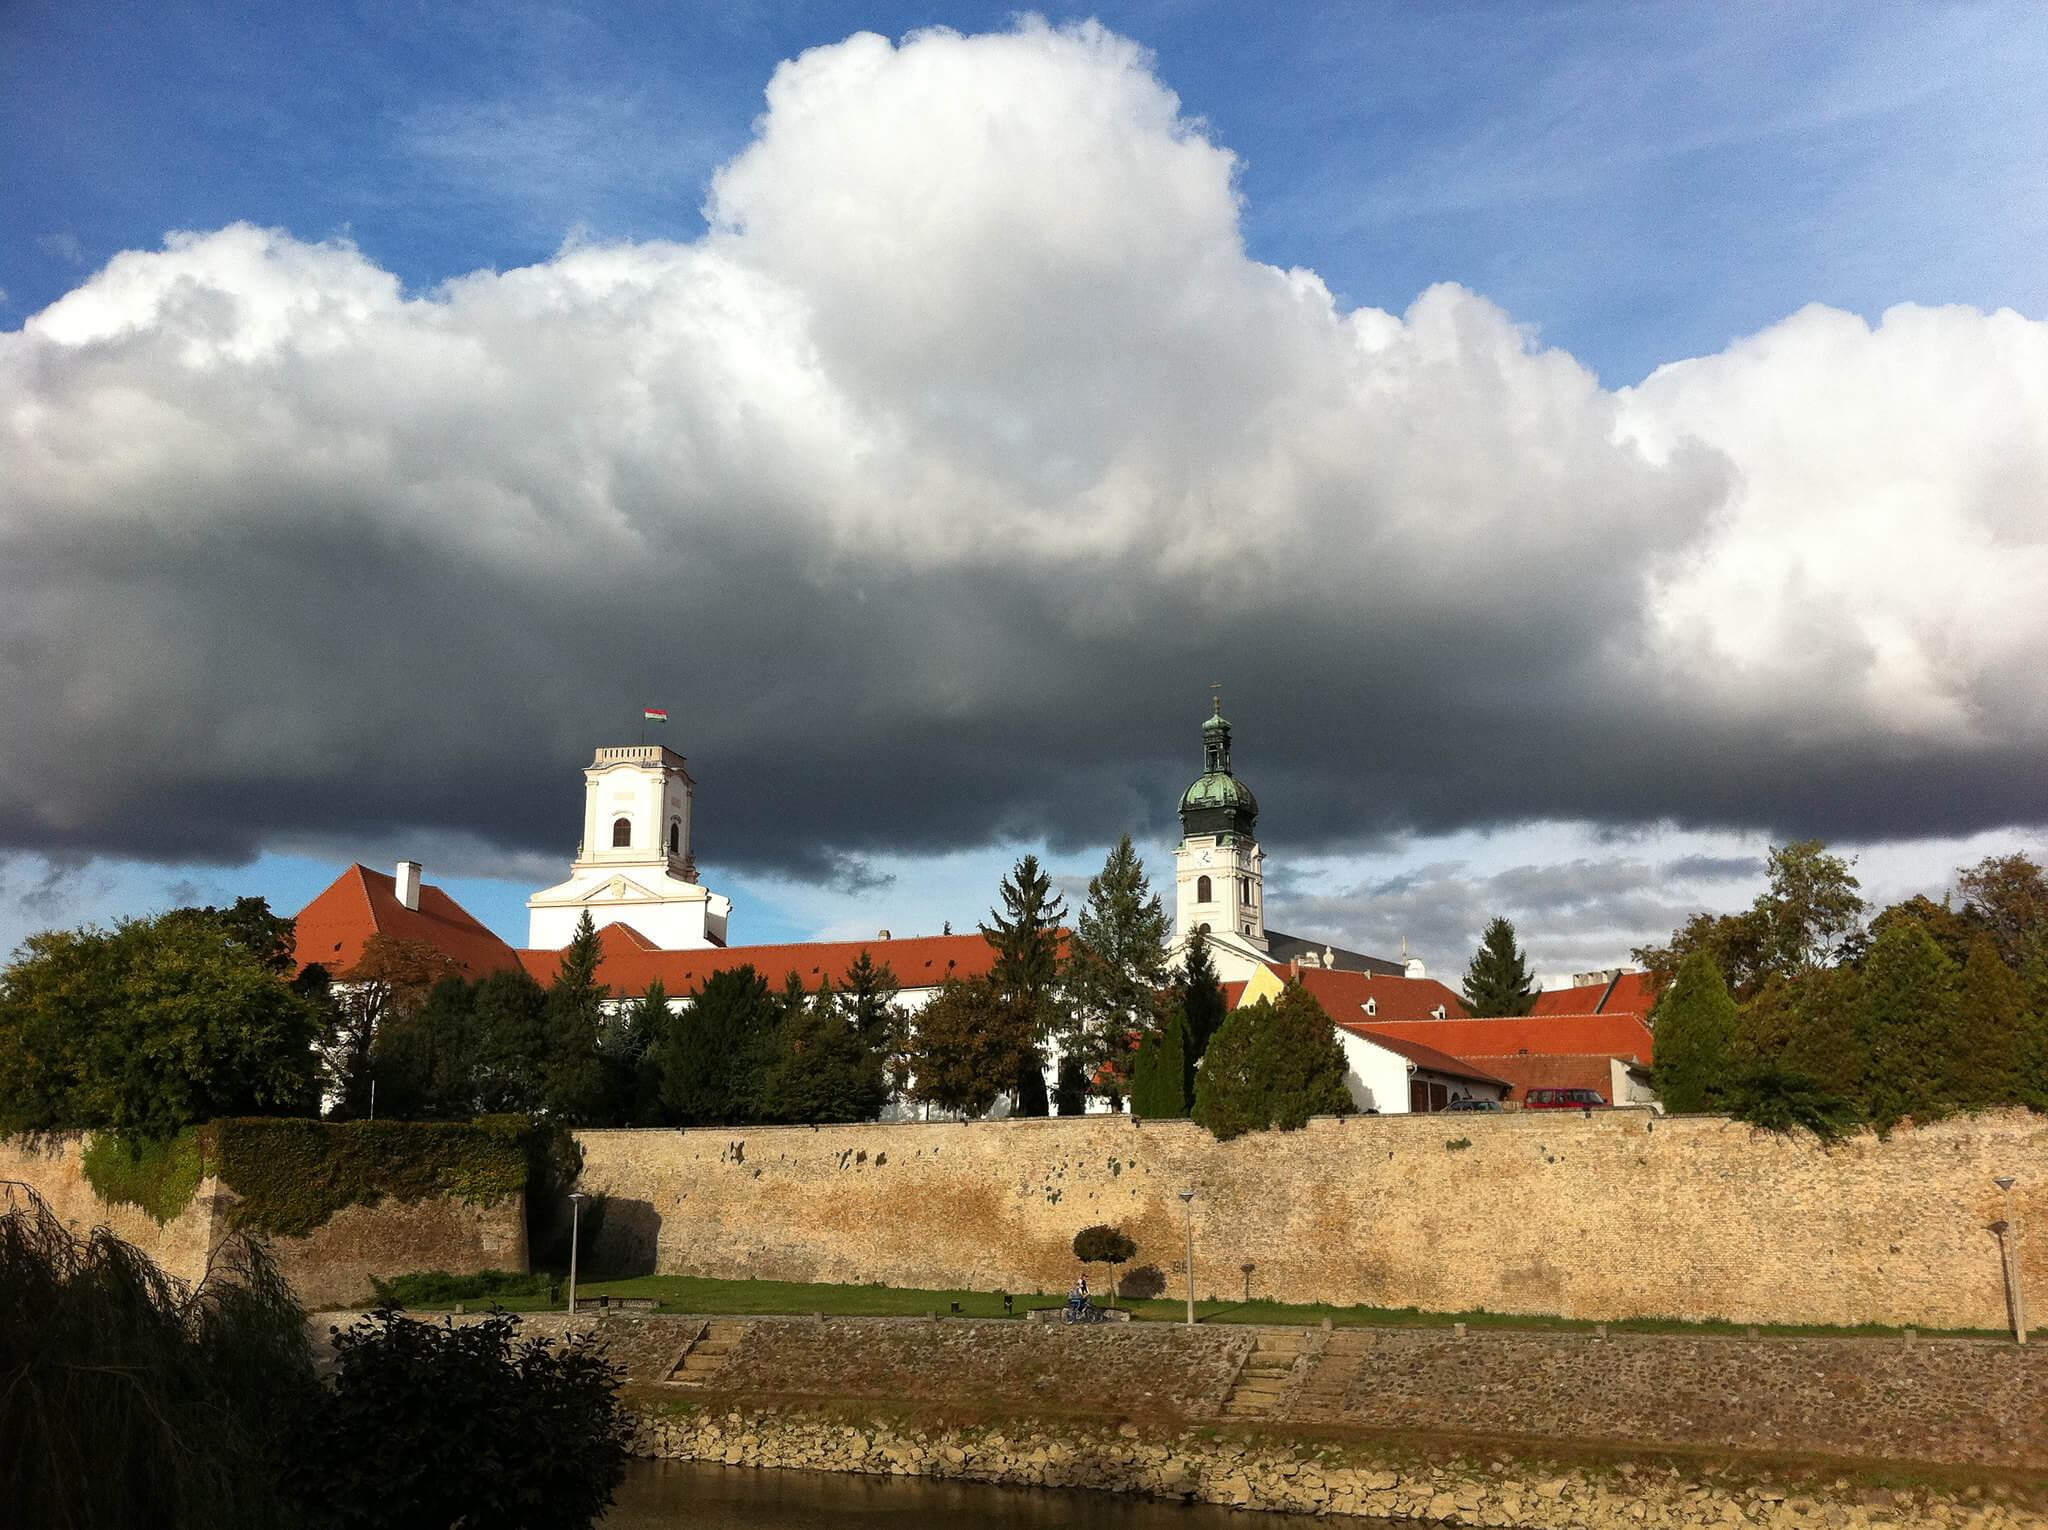 45-65 millió forint között kínálják a kétgenerációs családi házakat Győrben